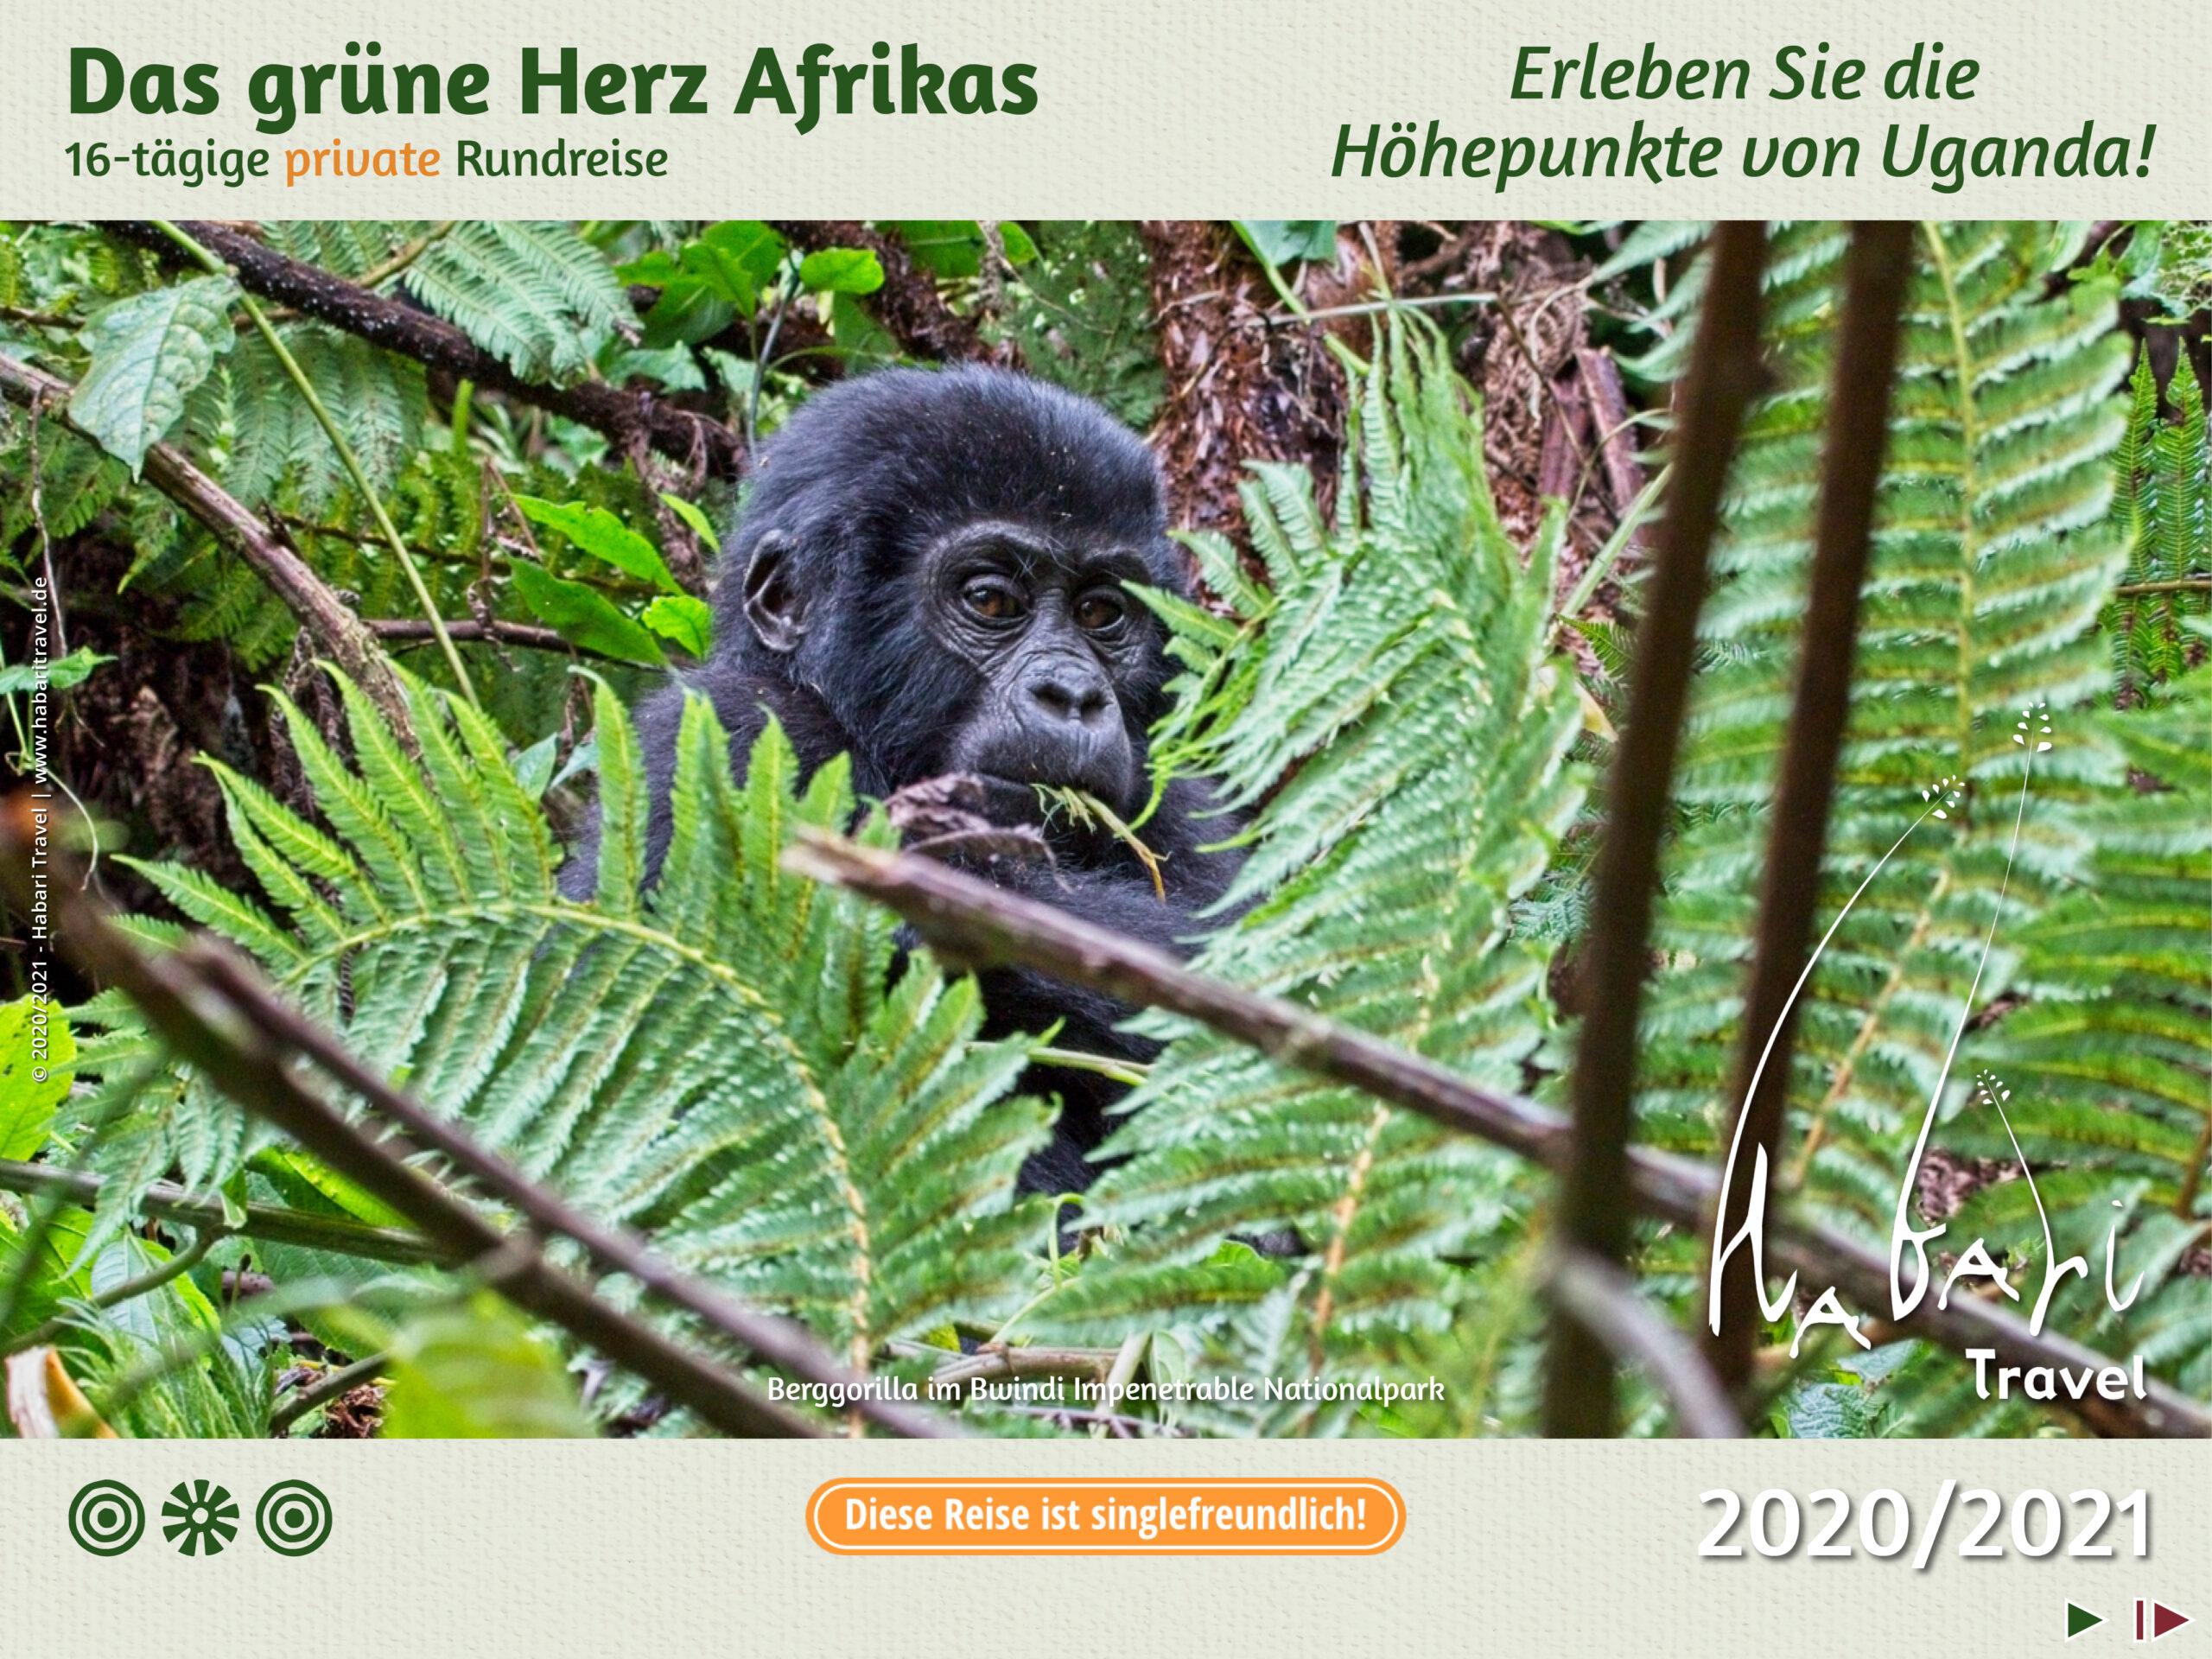 Broschüre Das grune Herz Afrikas